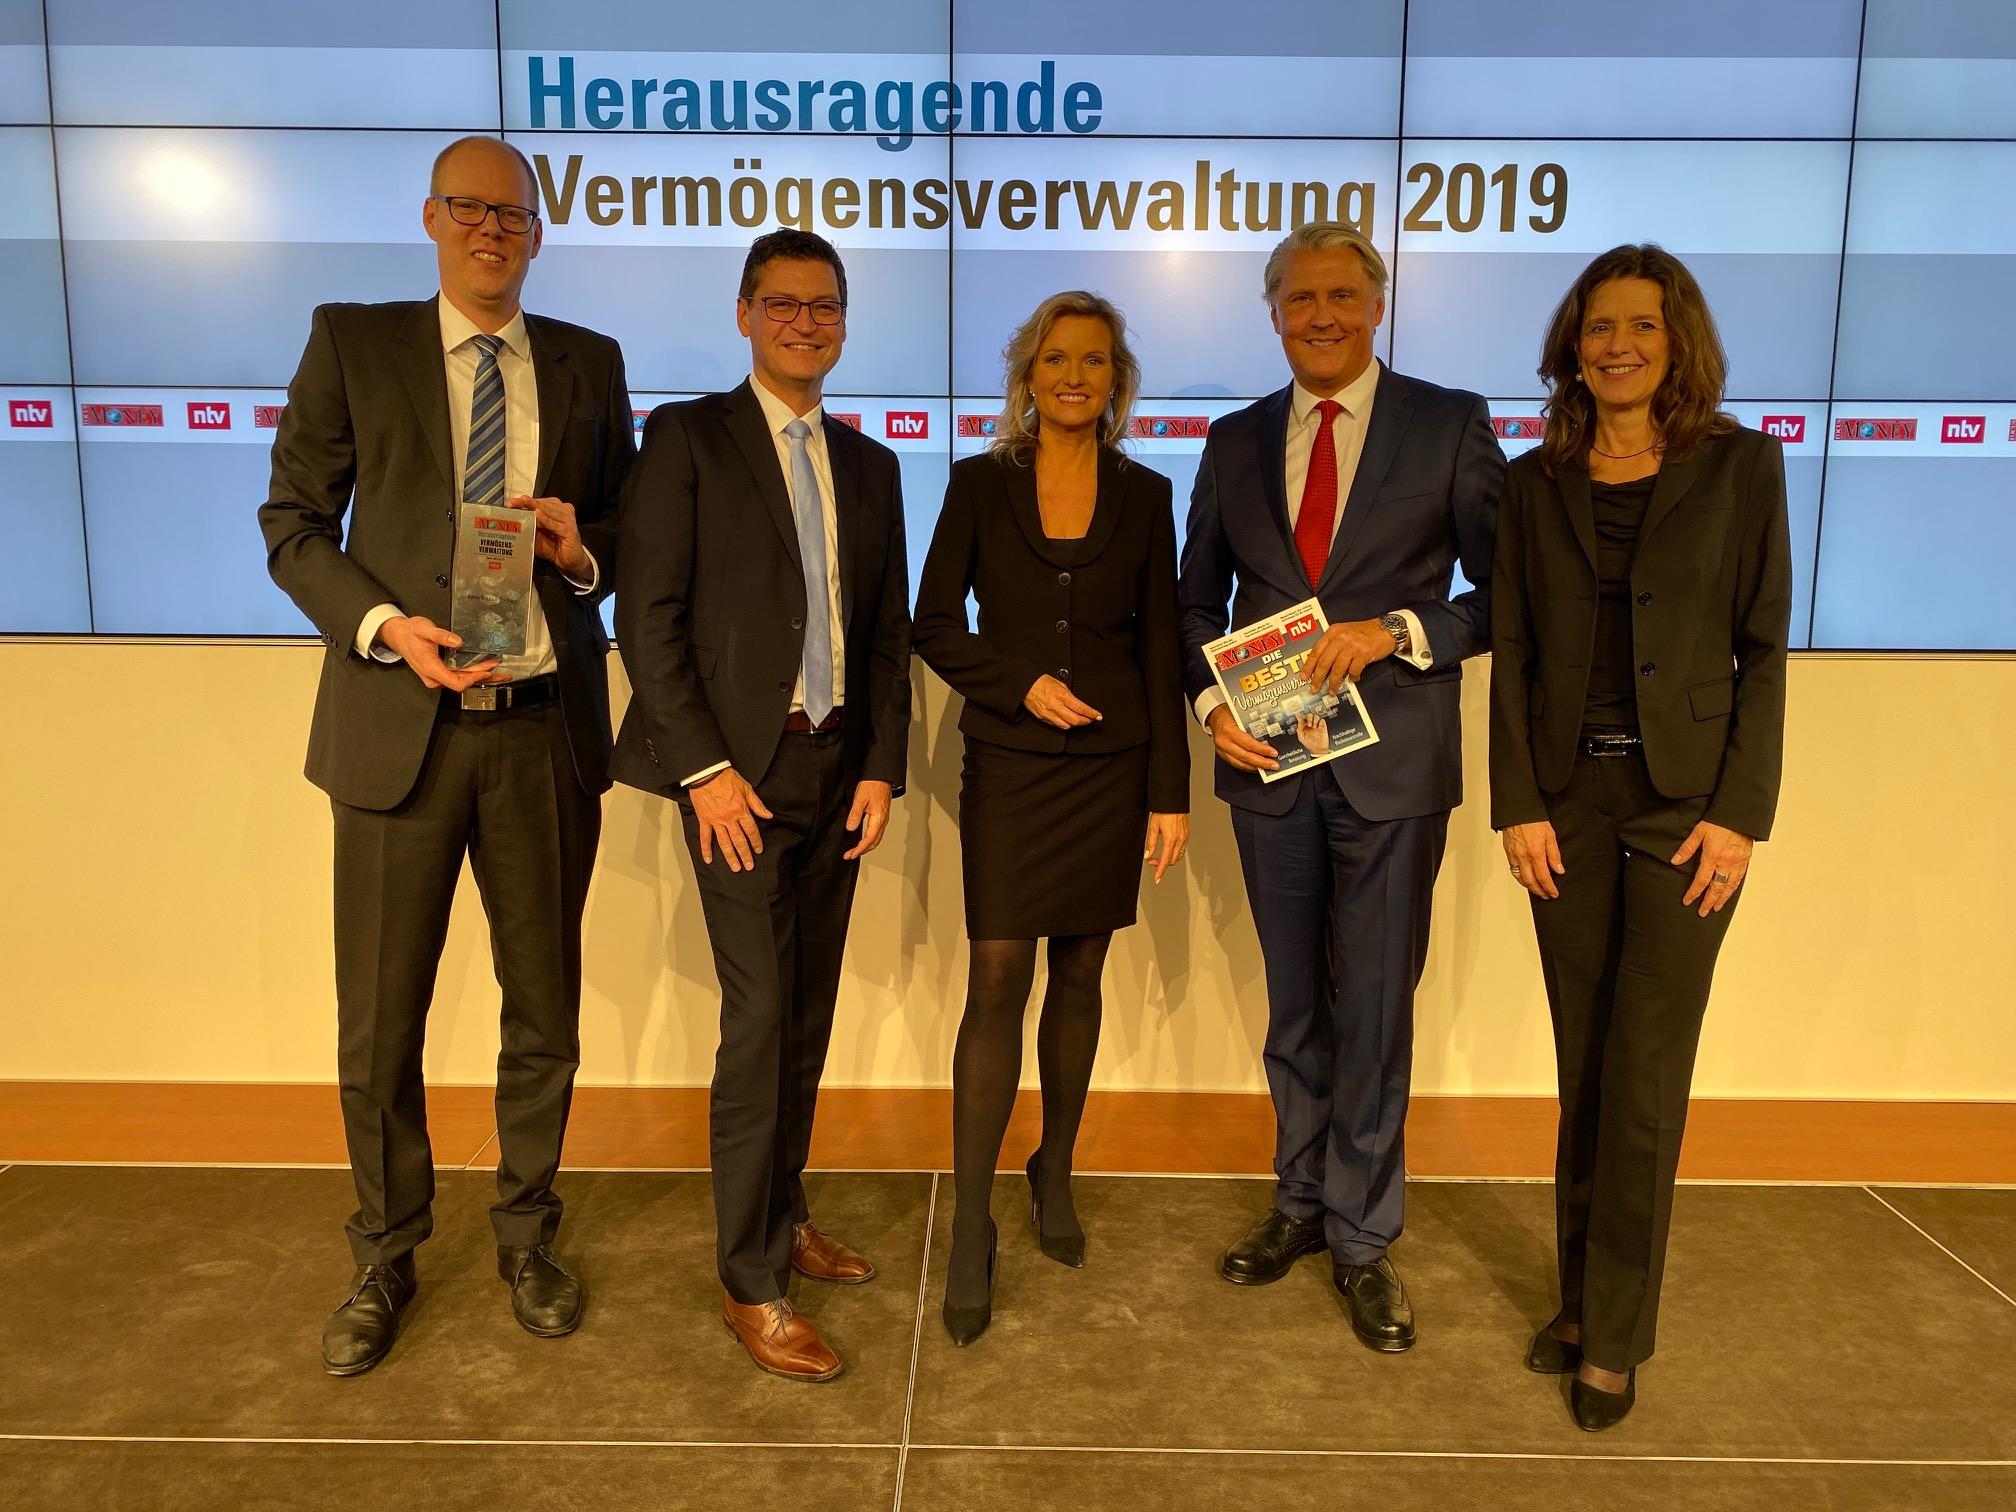 """Private Banking der Sparkasse Düren für """"herausragende Vermögensverwaltung 2019"""" ausgezeichnet"""